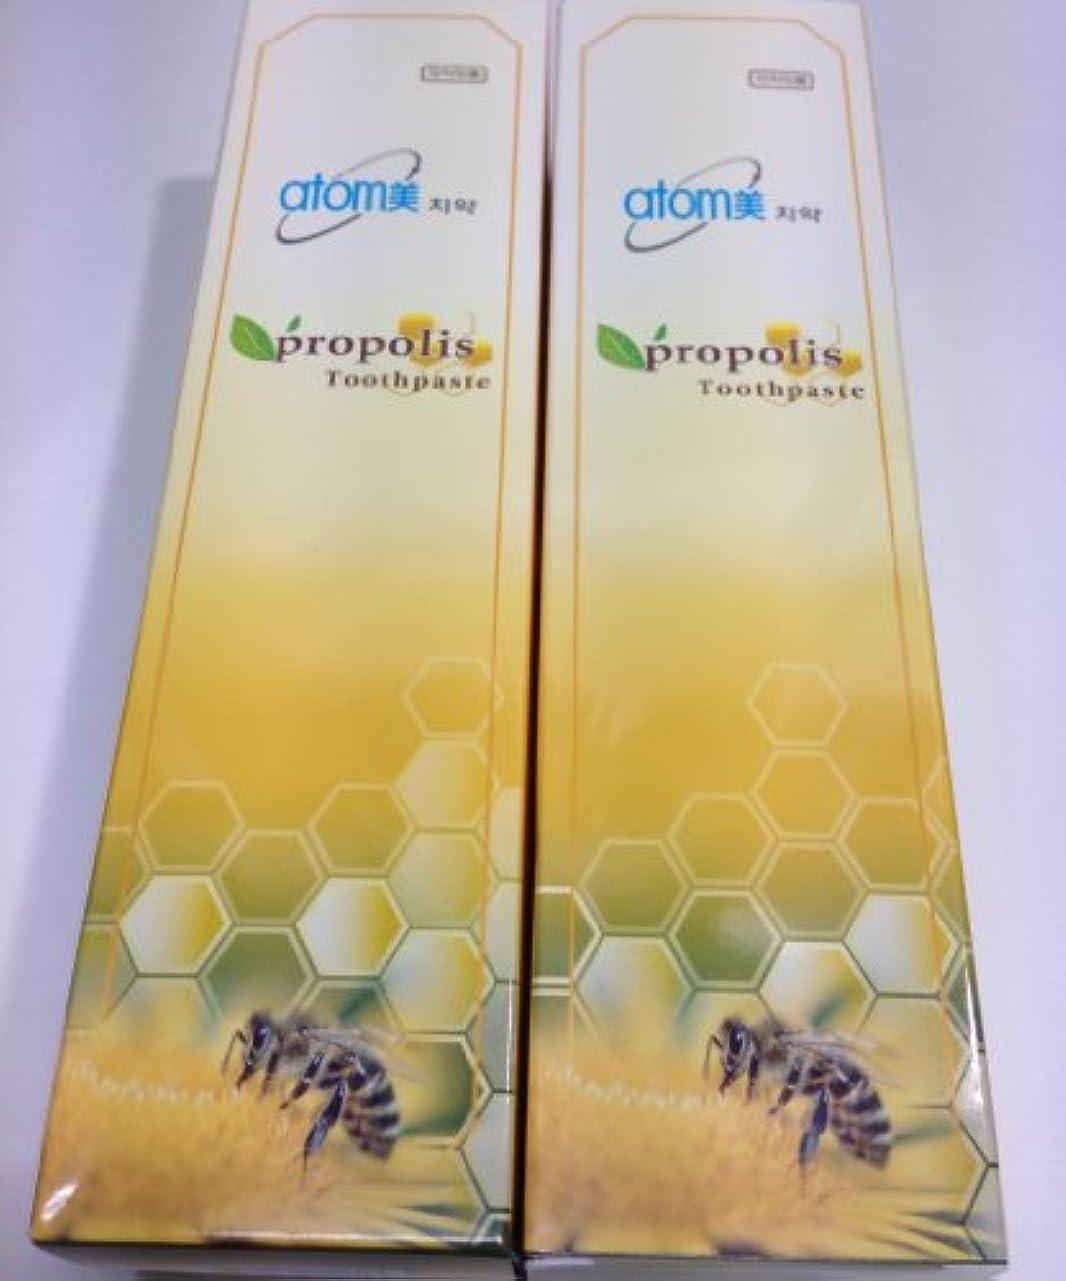 フルーツ抜け目がない放つアトミ化粧品 アトミ 歯ミガキ (歯磨き粉) 200g 2本セット 並行輸入品